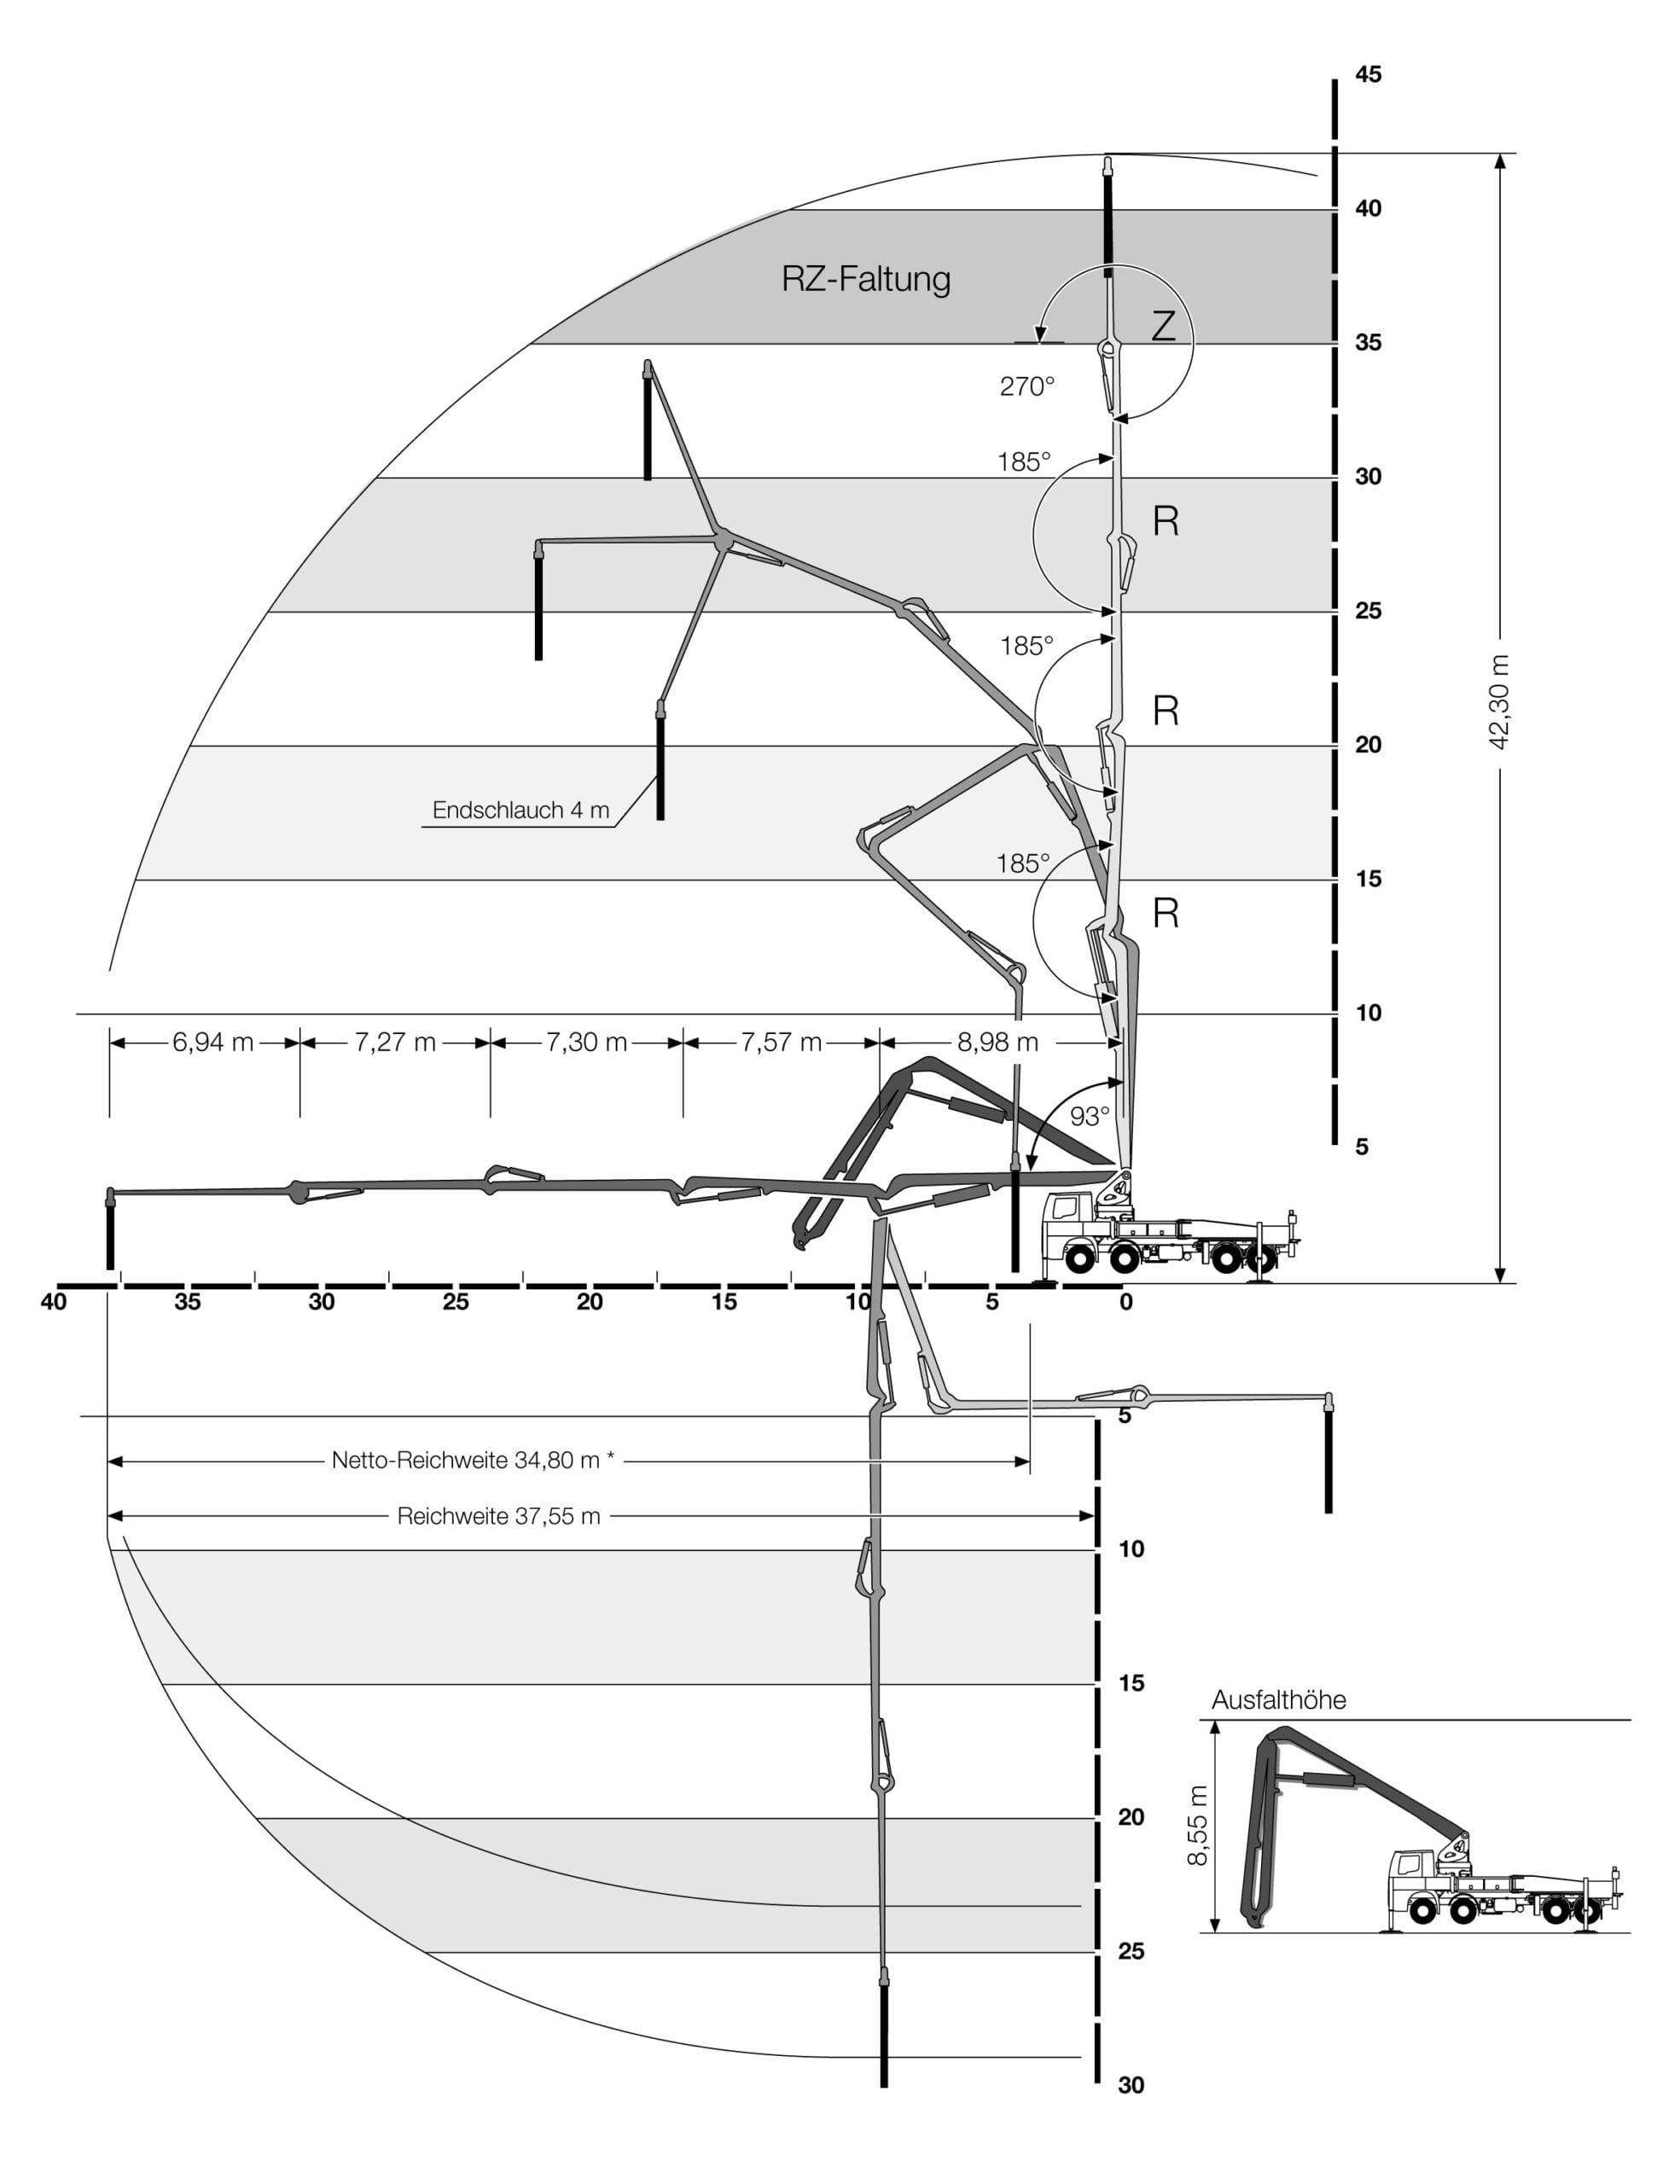 betonpomp giekbereik 43 meter